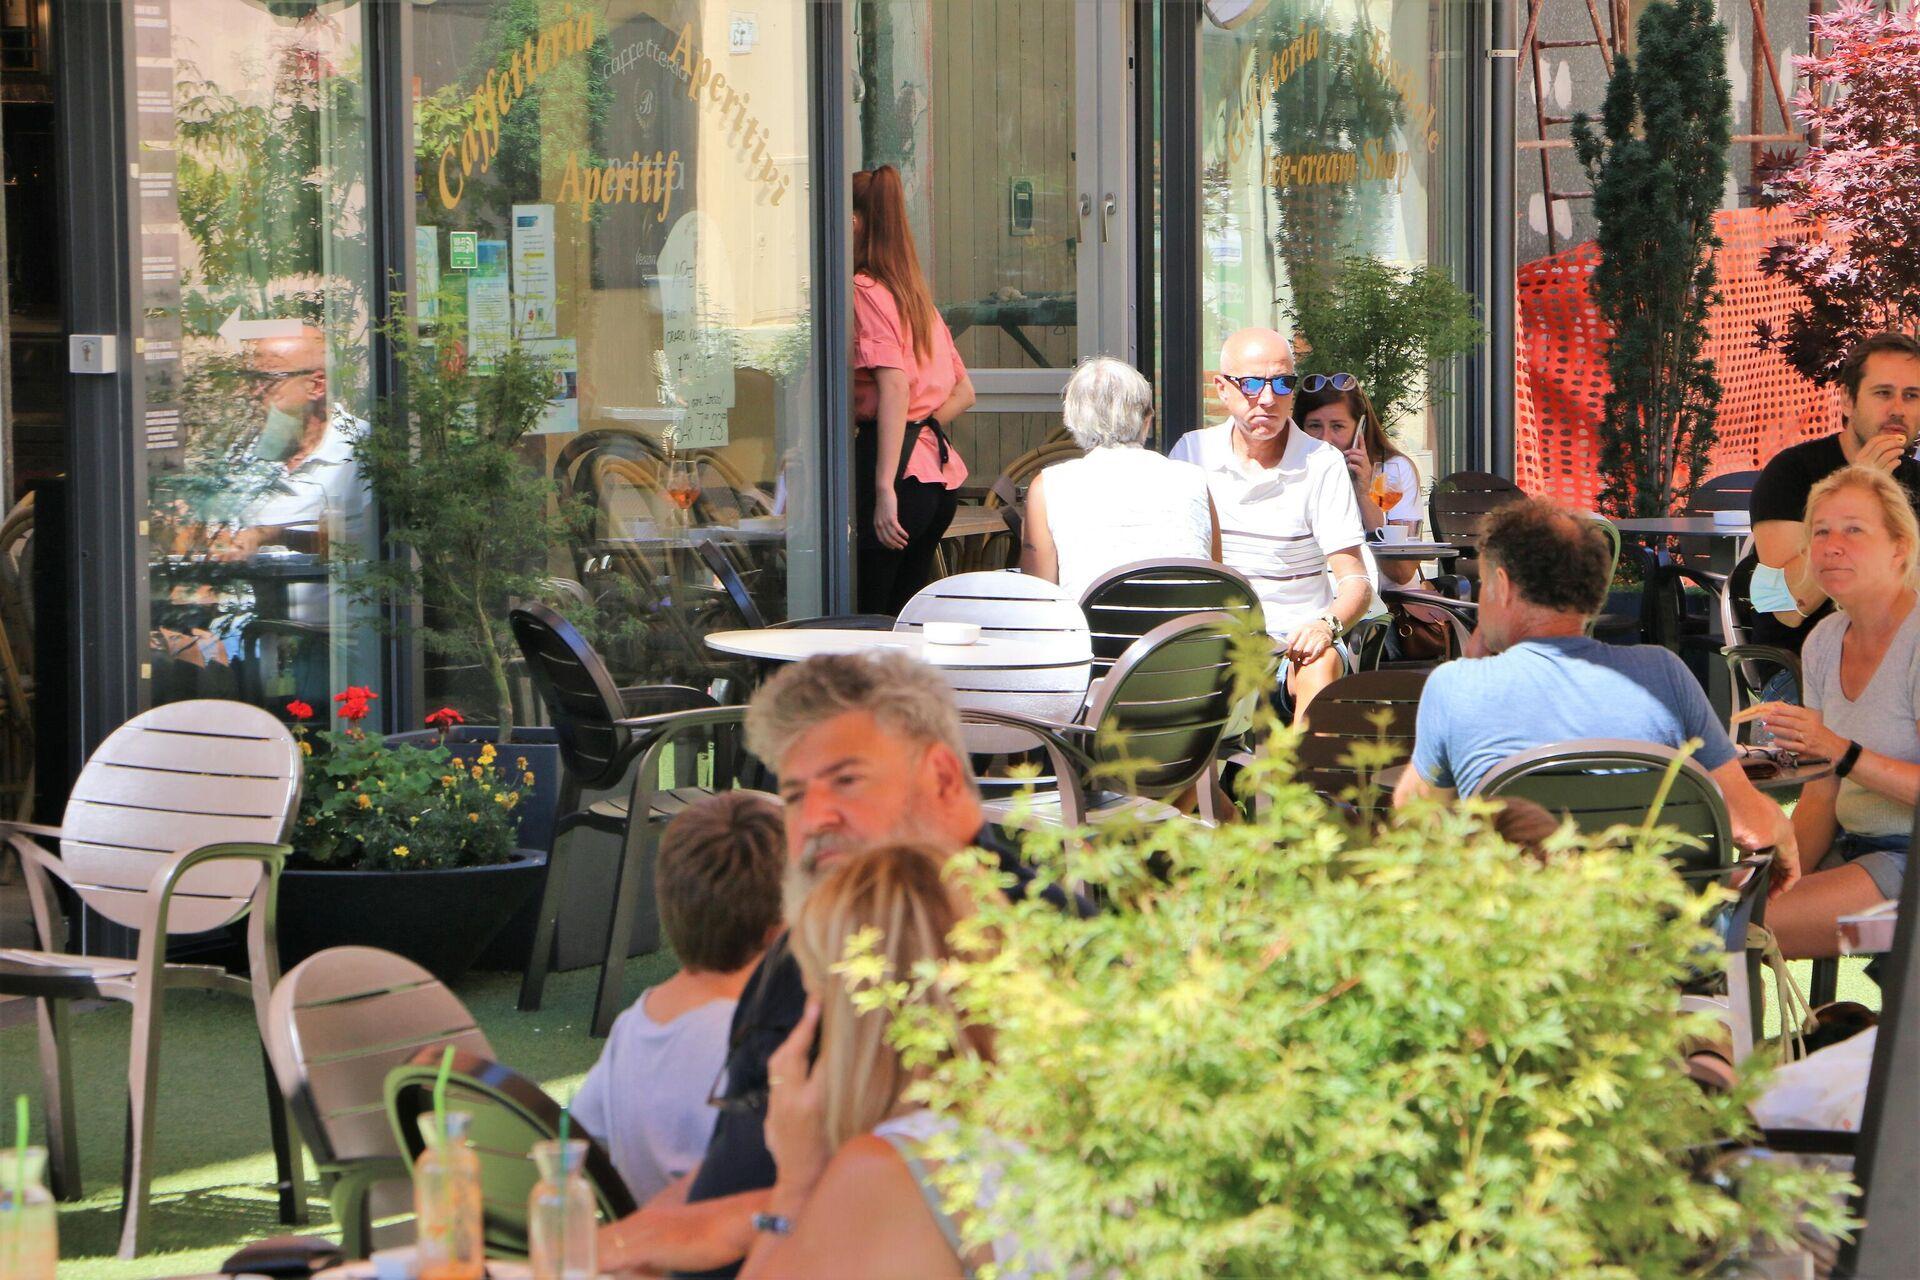 Al ristorante all'aperto il Green Pass non serve - Sputnik Italia, 1920, 06.08.2021